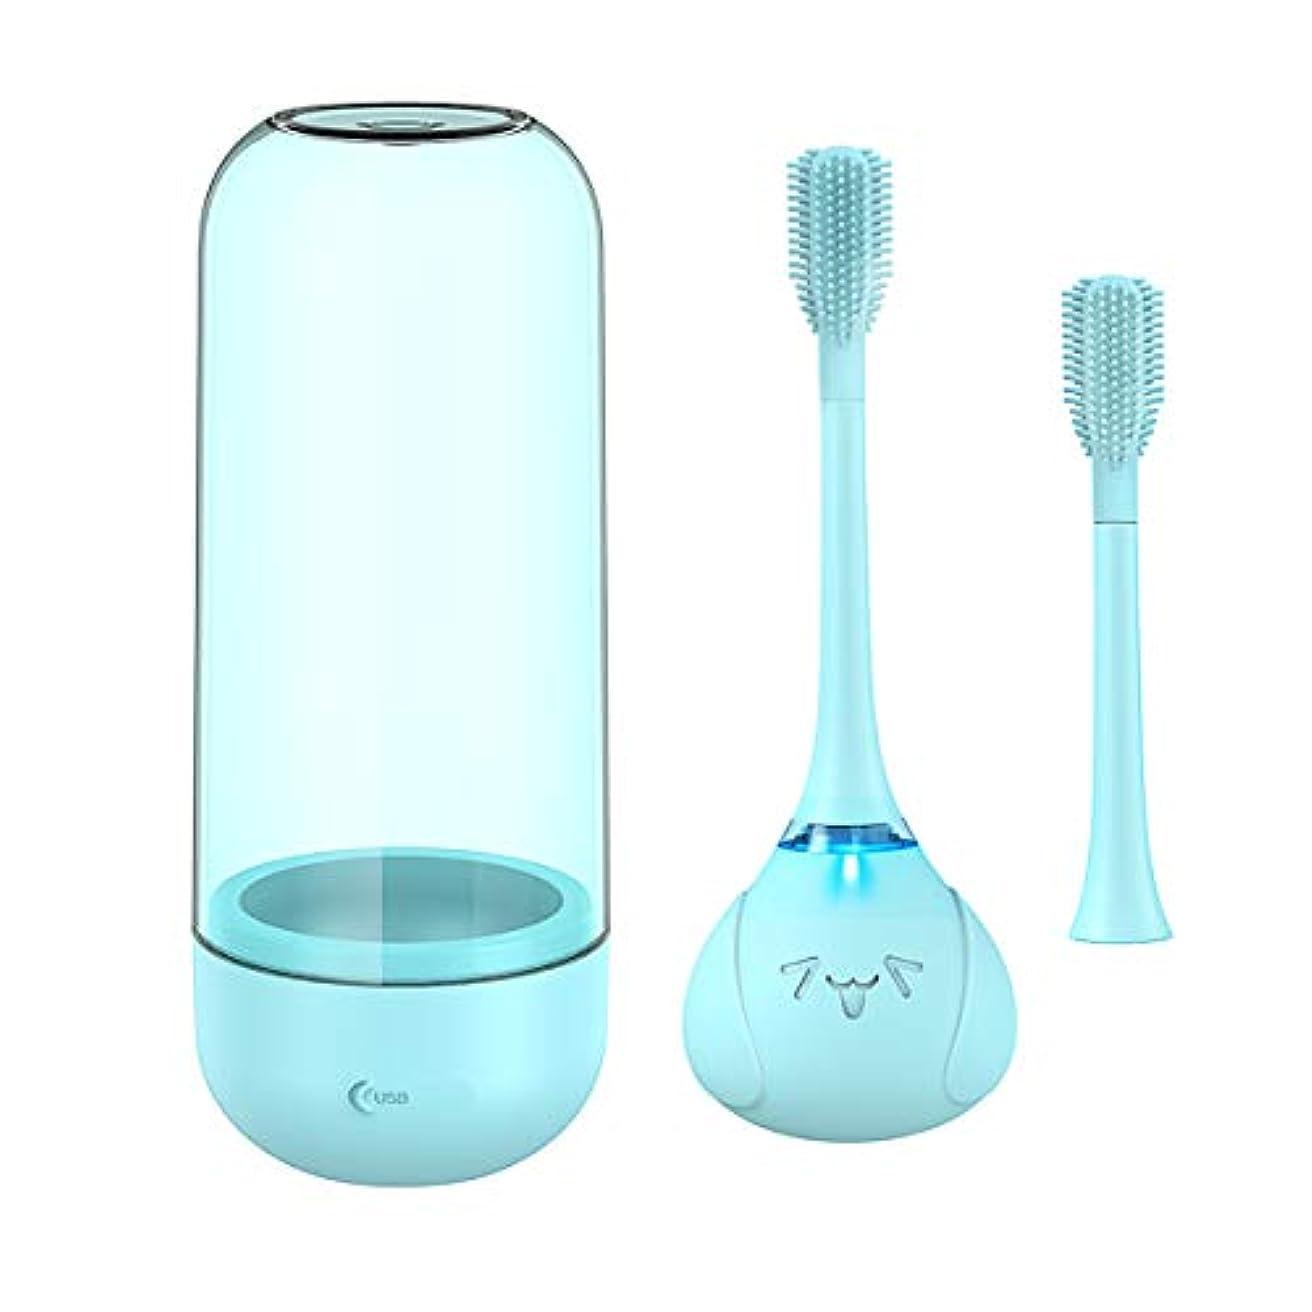 テーマ定義負担Wipalo 電動歯ブラシ 子供用 360度歯ブラシ 歯に優しいシリコンブラシヘッド 可愛い 2分で自動オフ 虫歯予防 安全なワイヤレス充電式 替えブラシ入 IPX7防水 携帯便利 安心な素材 低騒音 新型 (ブルー)